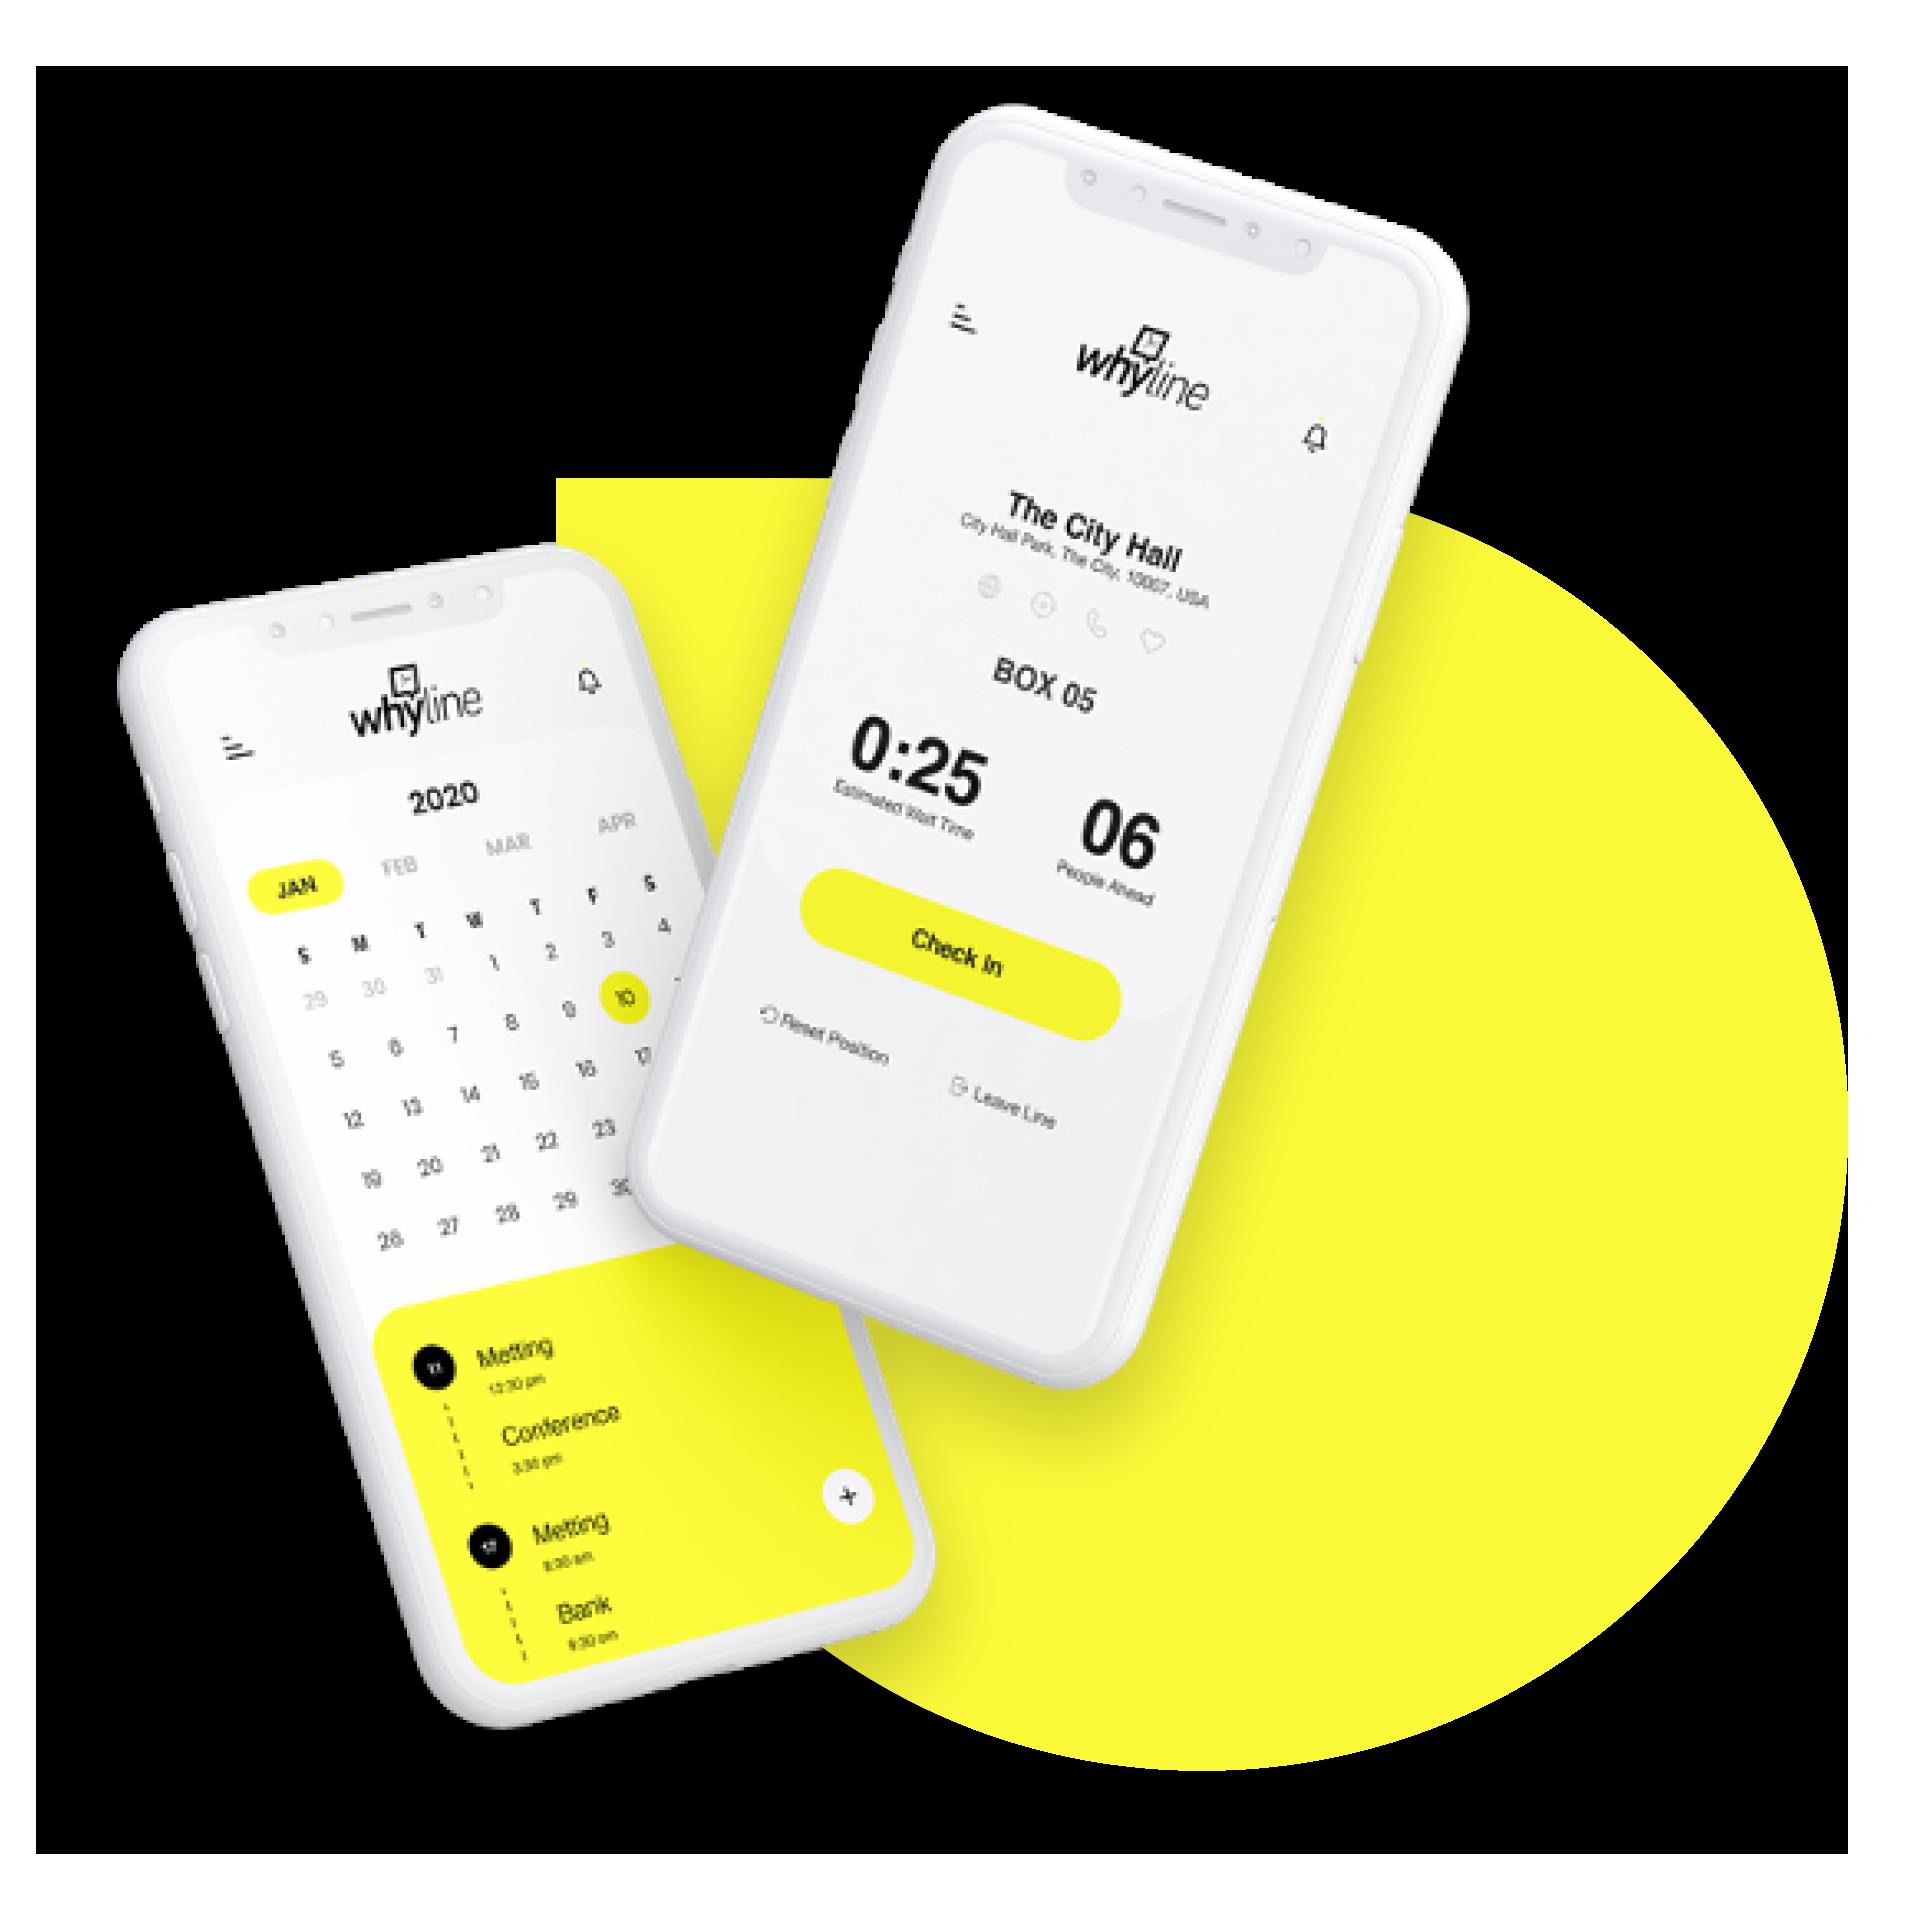 Whyline app phones